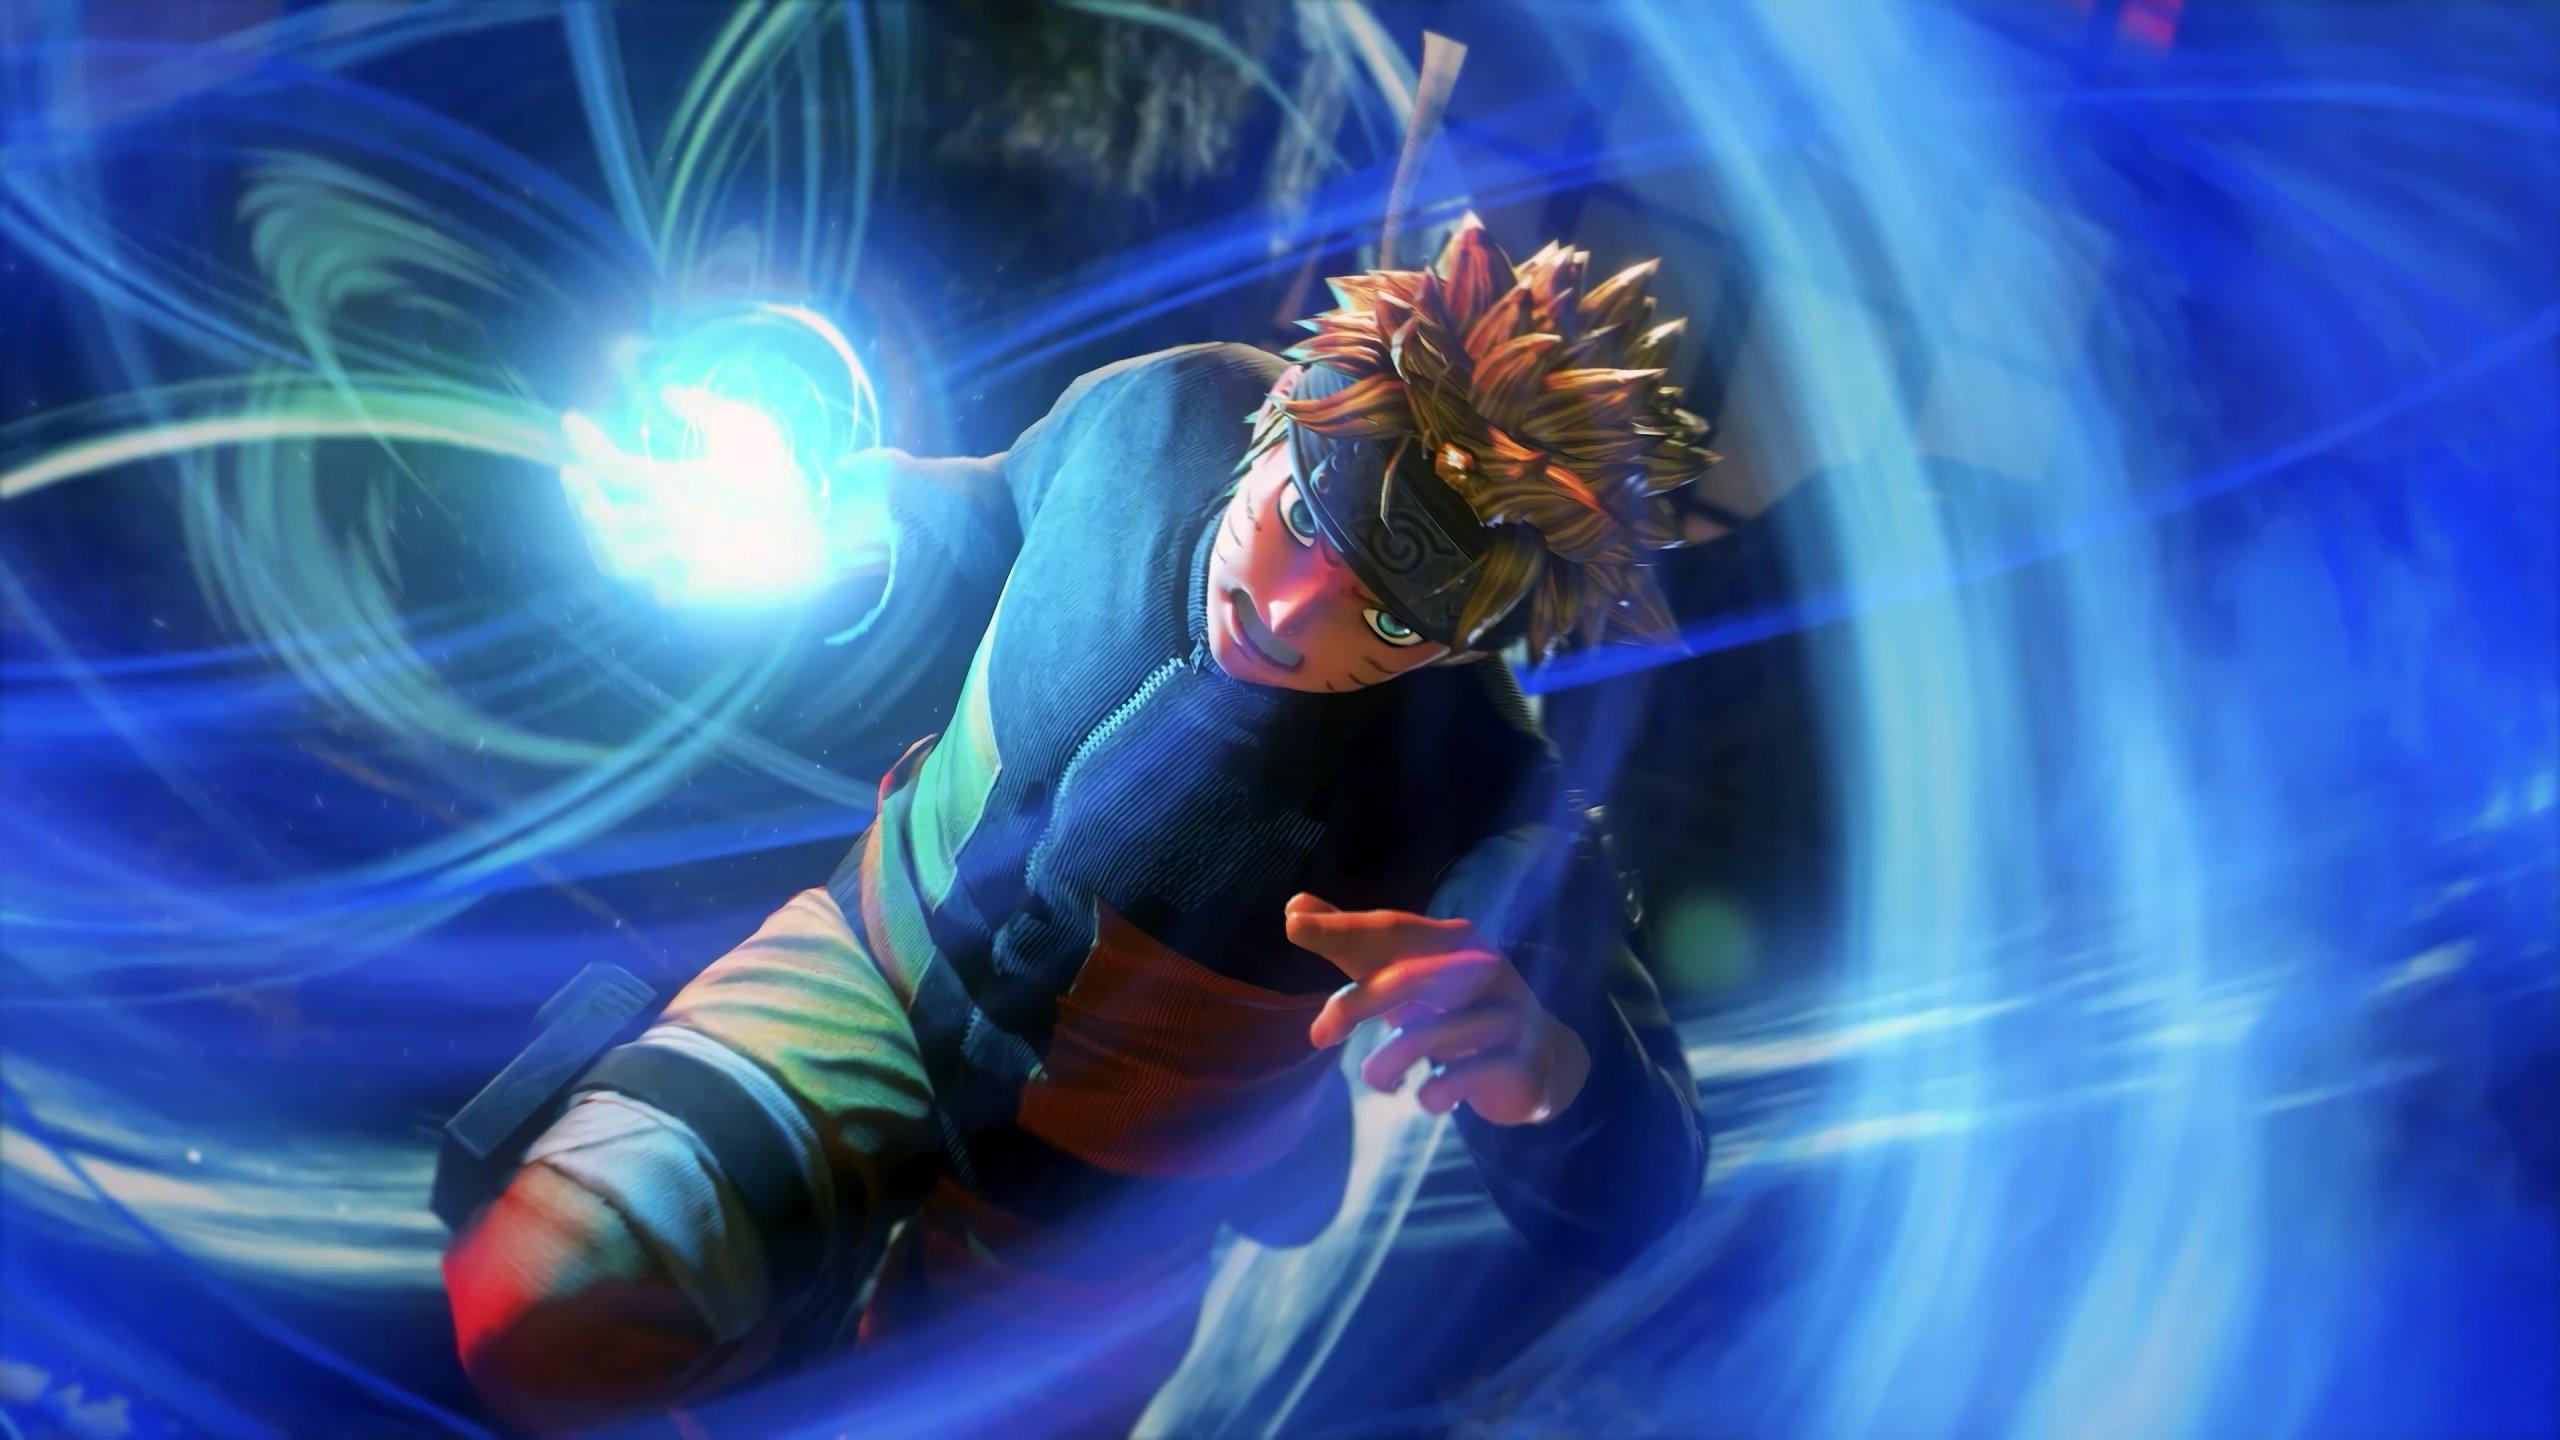 Naruto in Jump Force Wallpaper 4k Ultra HD ID:3711